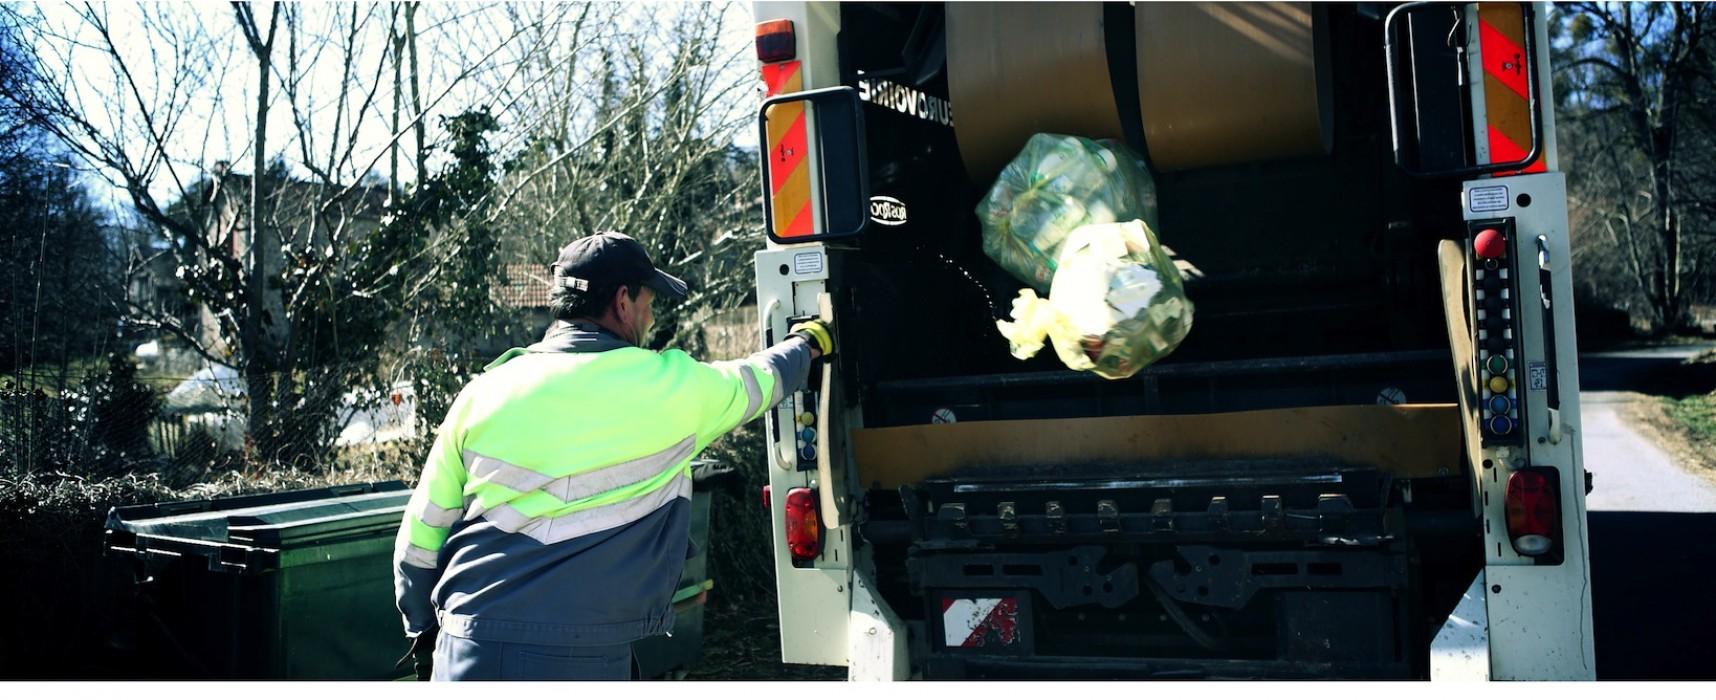 PETIT RAPPEL : ramassage des ordures ménagères